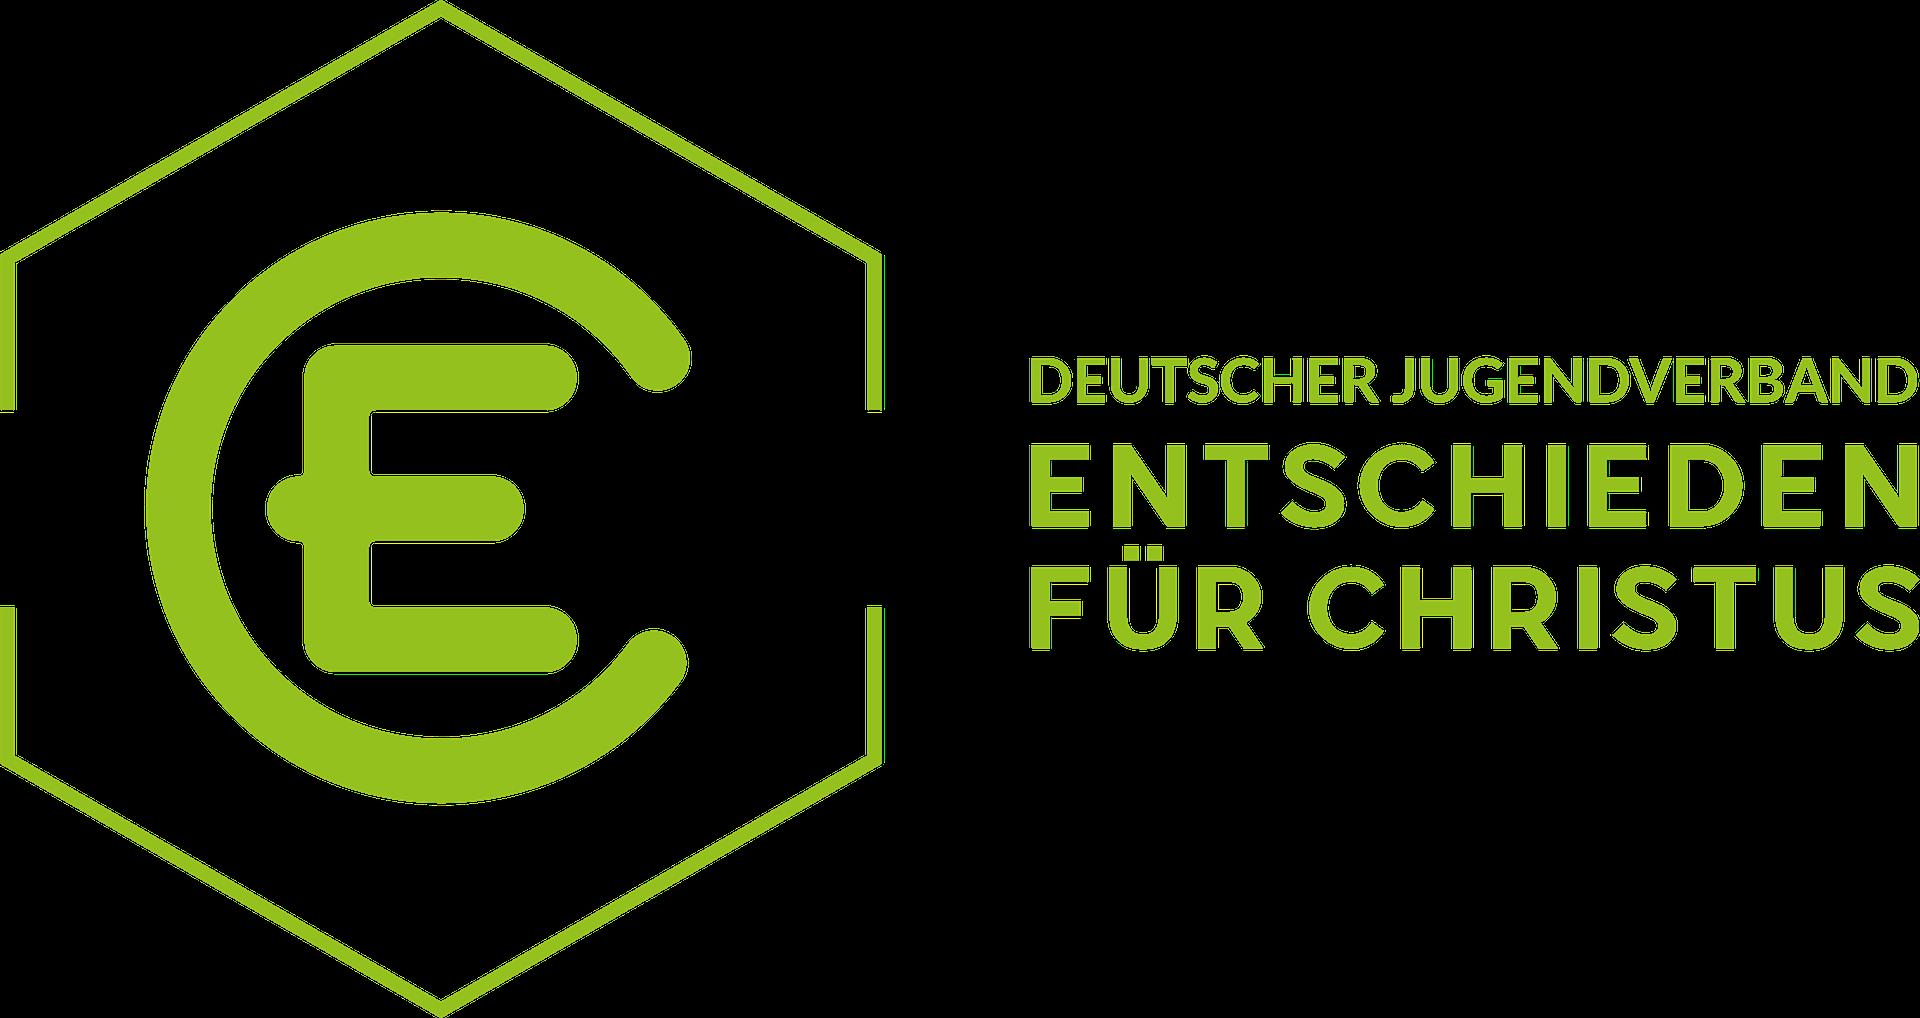 Landeskirchliche Gemeinschaft (LKG) Ohlendorf